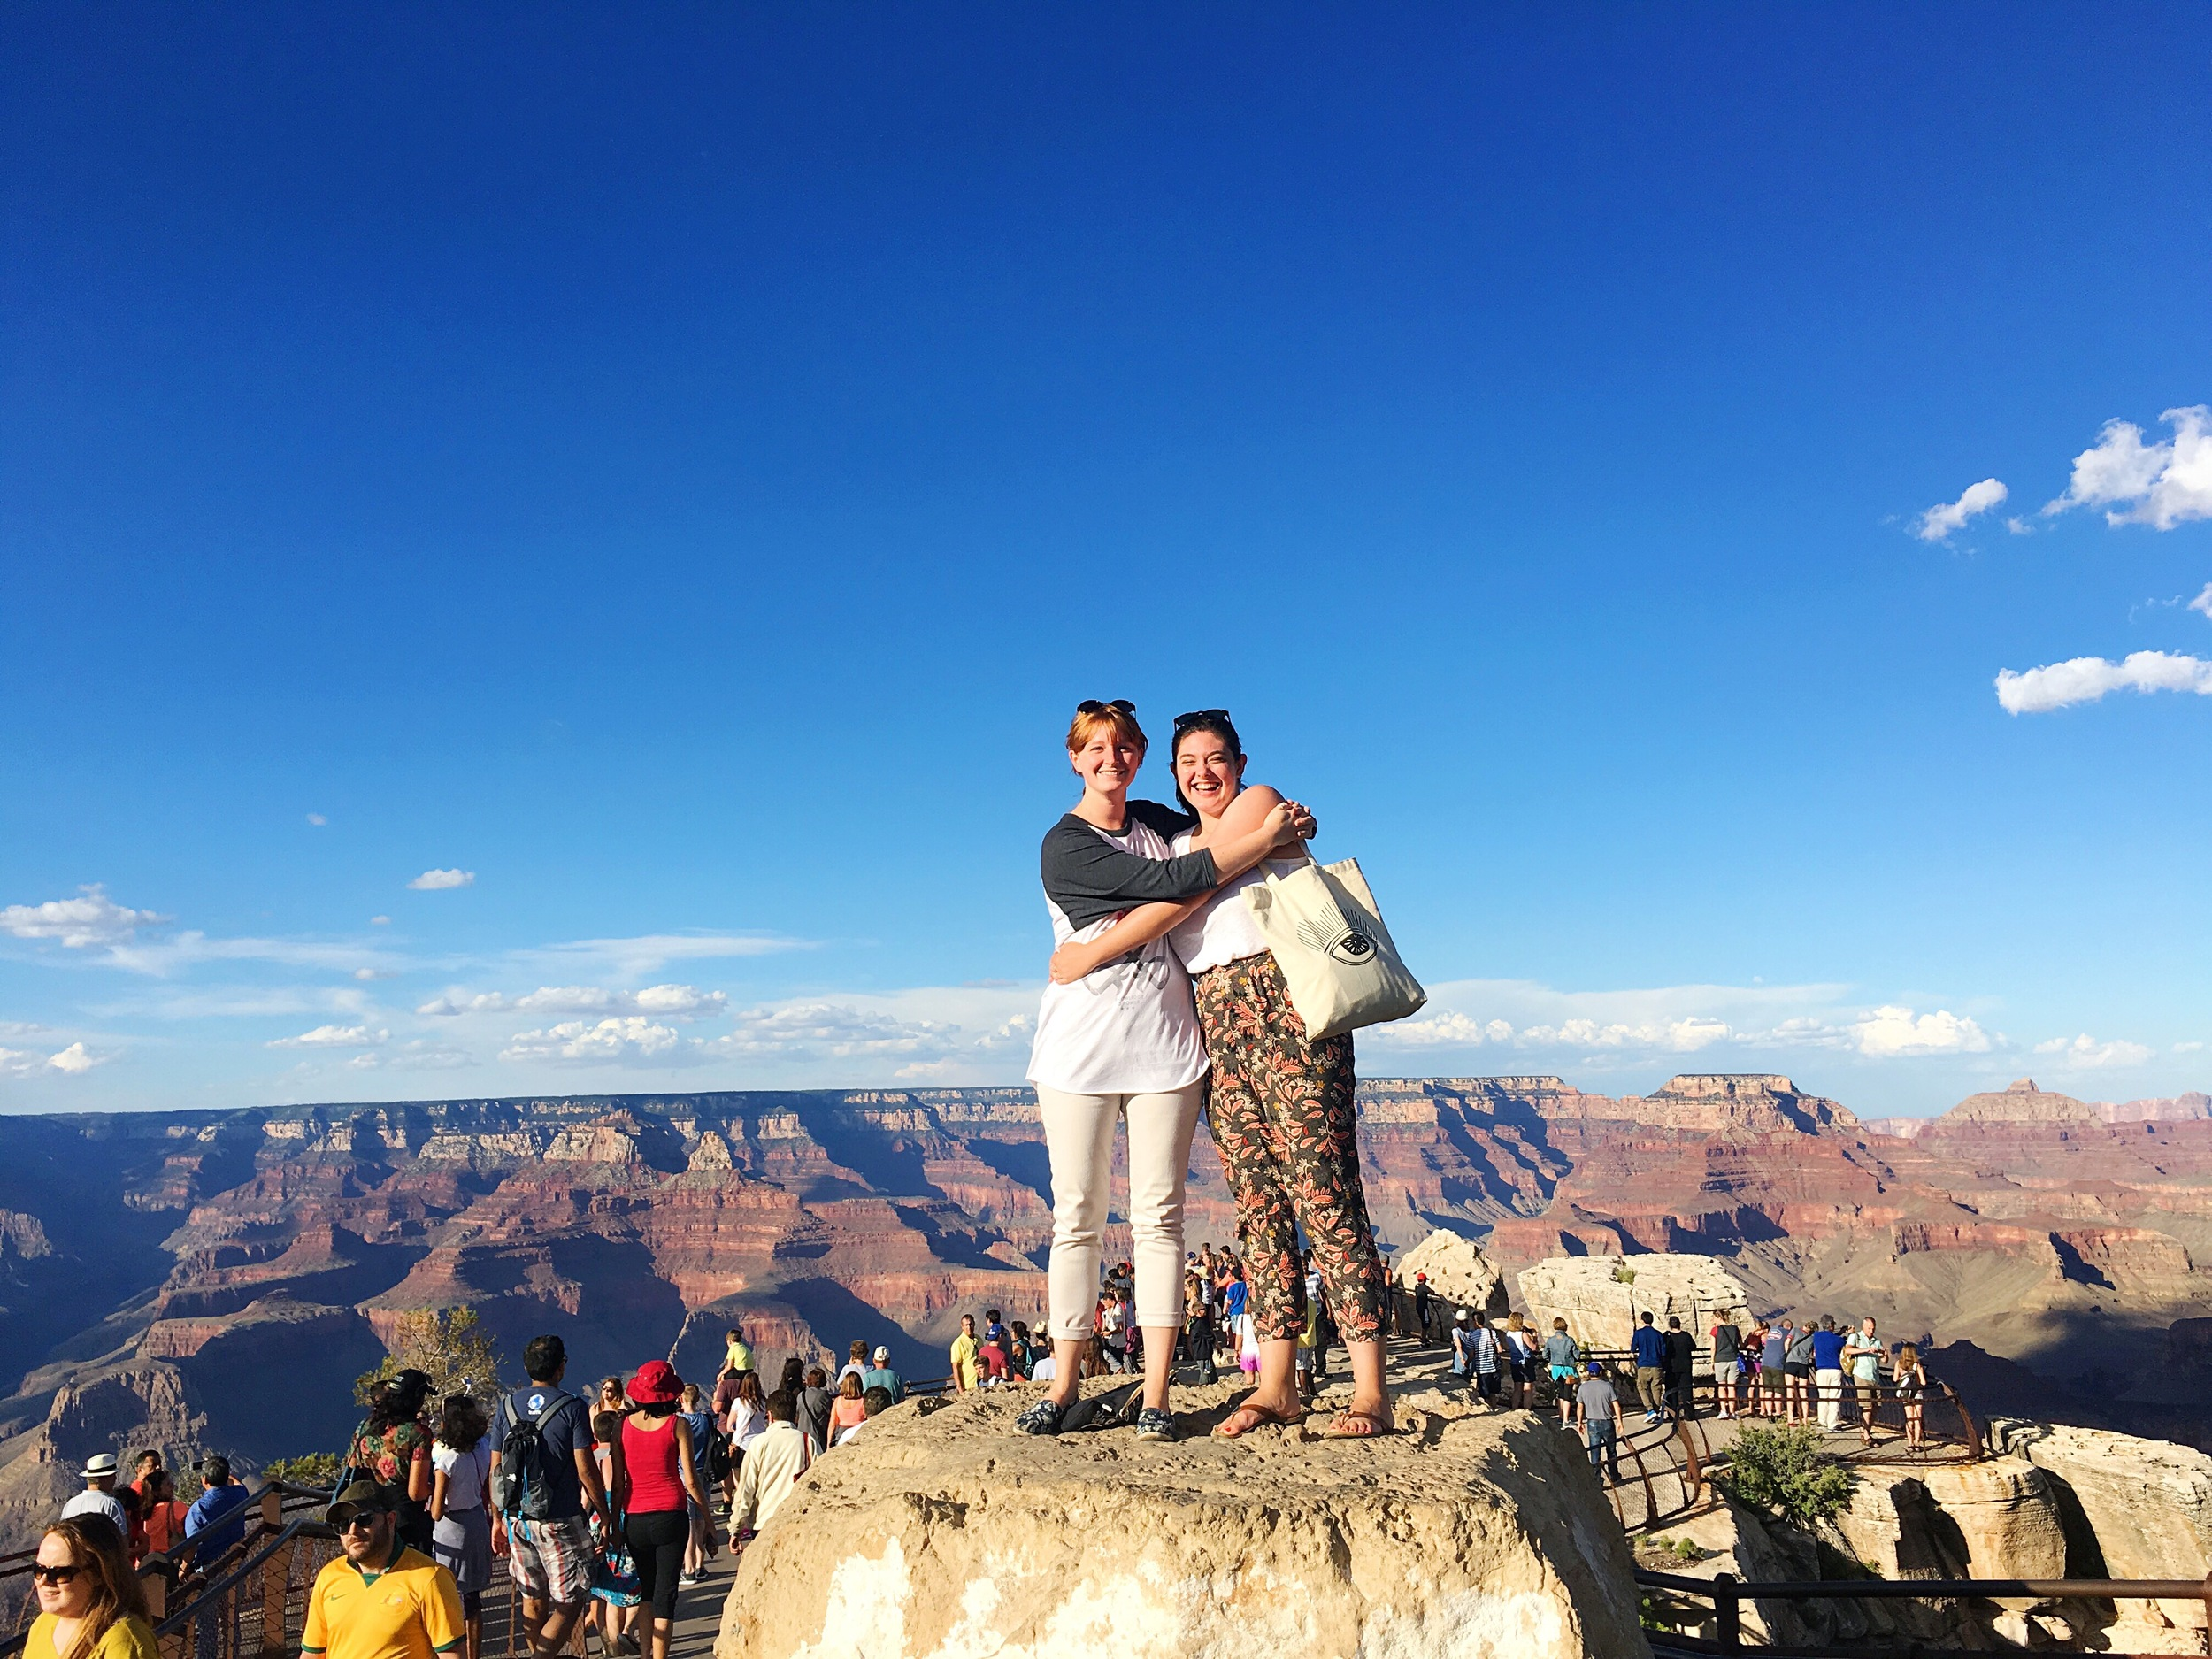 Haley and Hannah Grand Canyon